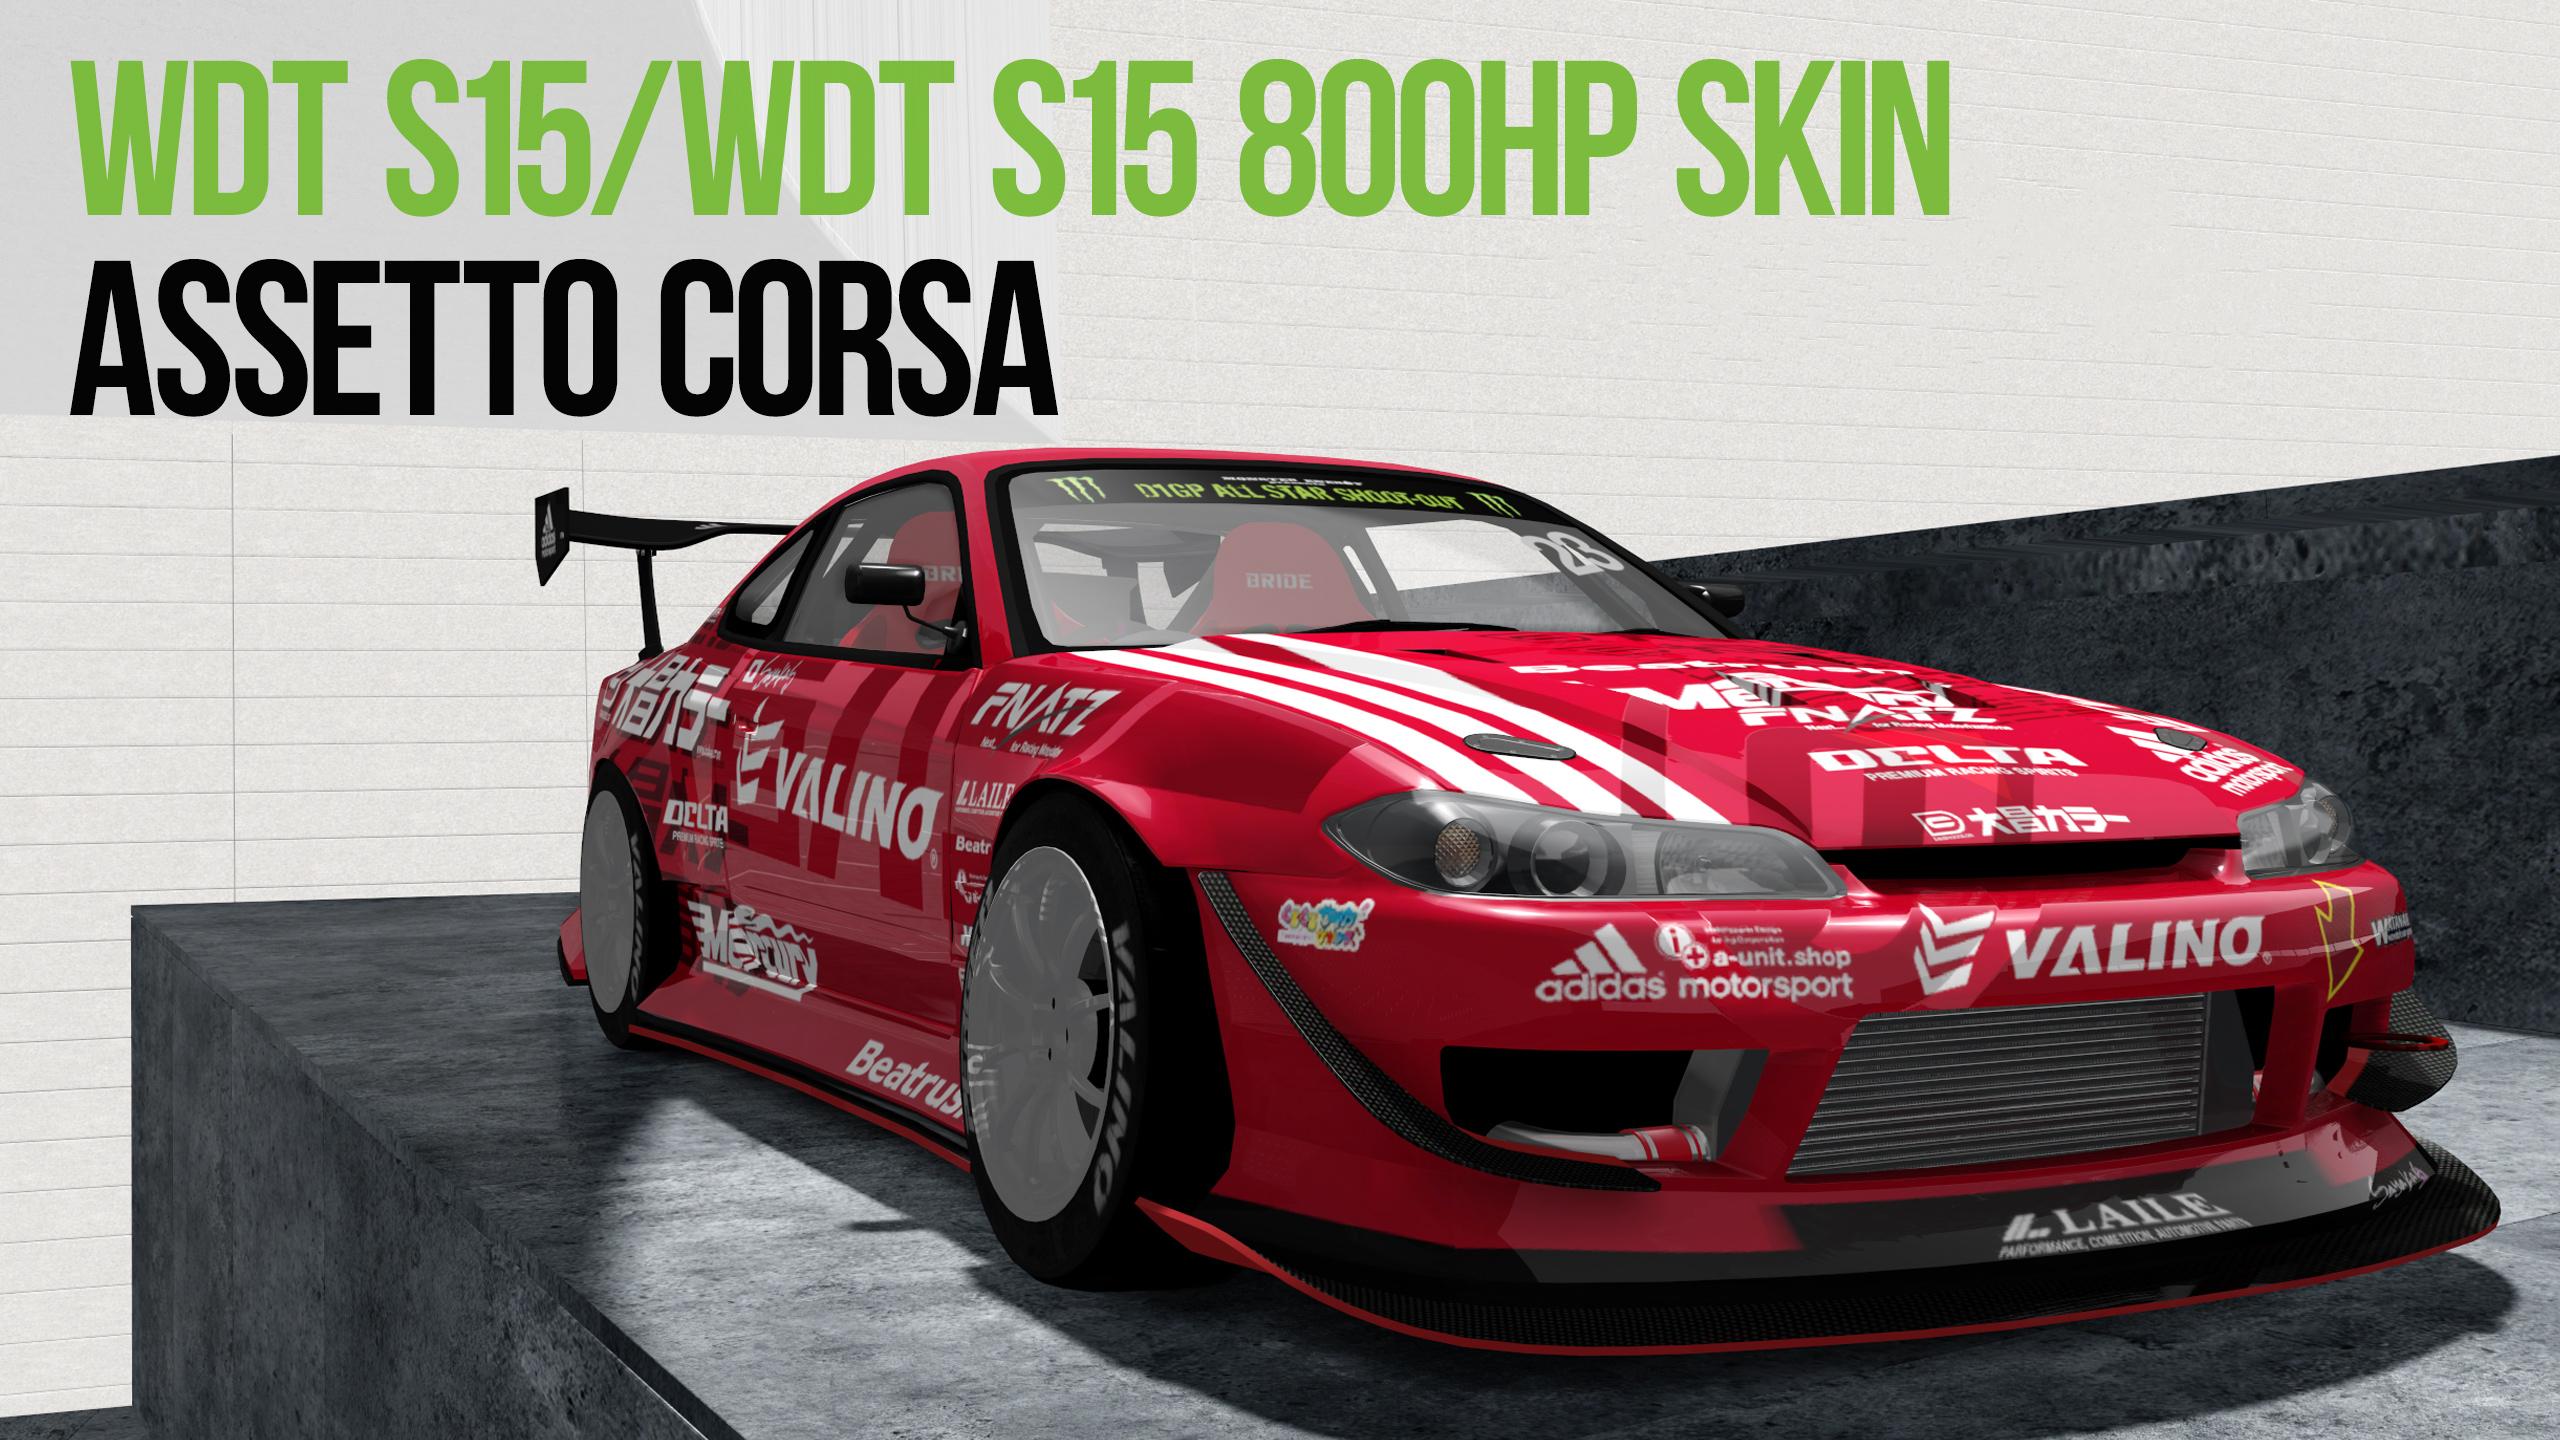 Assetto Corsa WDT S15 / WDT S15 800HP MOD用 Skin - 大昌カラー Mercury サヤカSPL